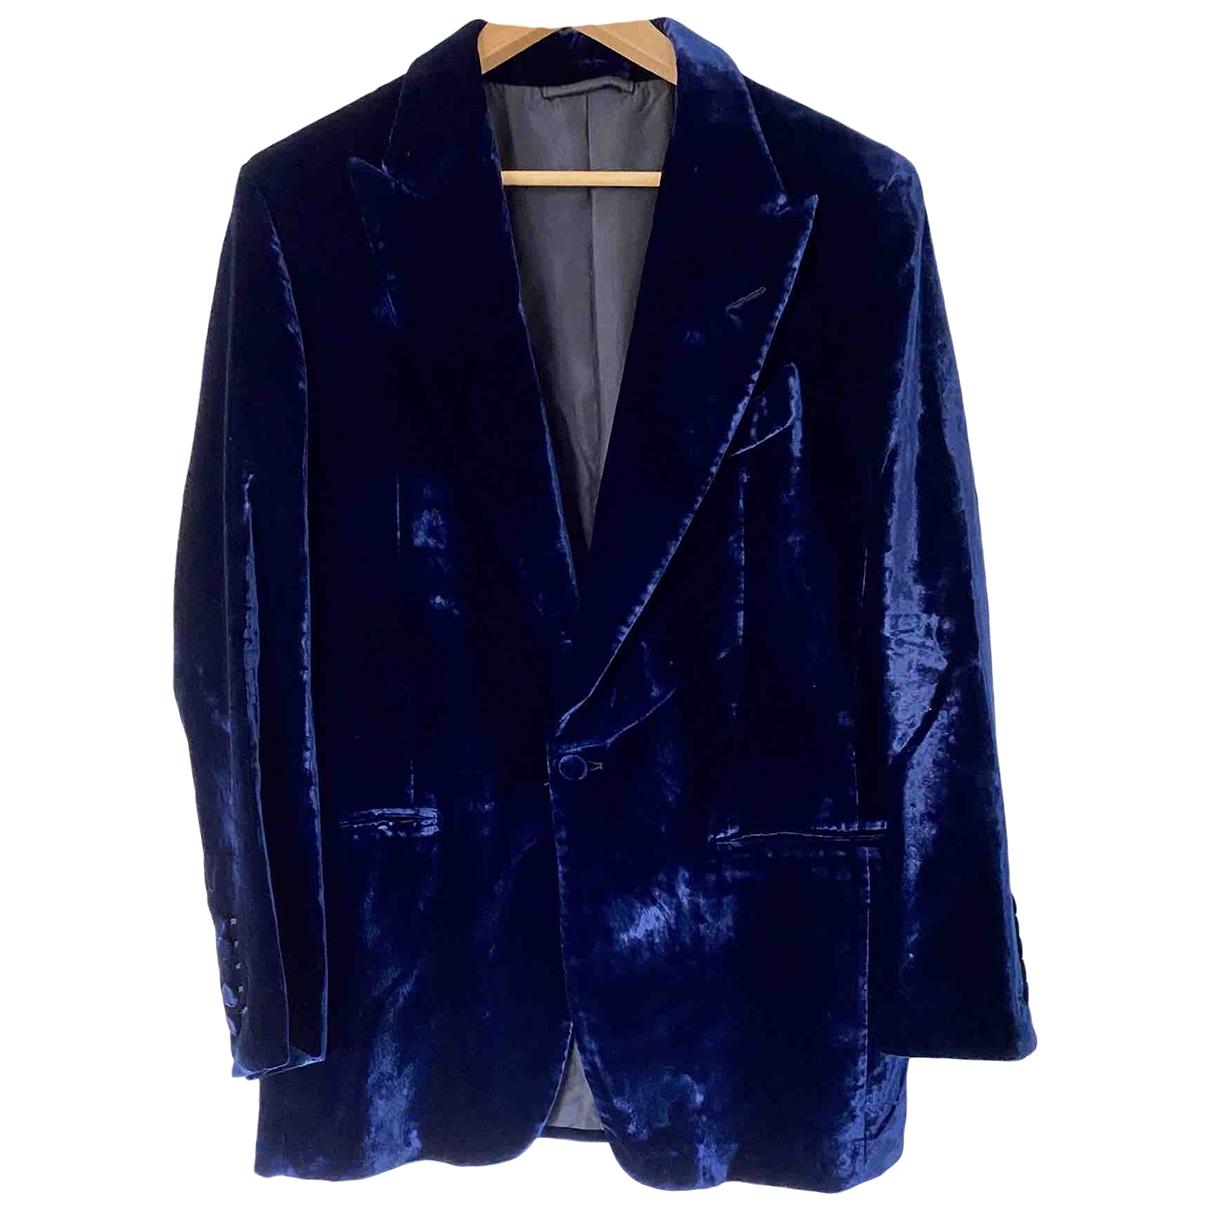 Tom Ford \N Blue jacket  for Men 48 IT